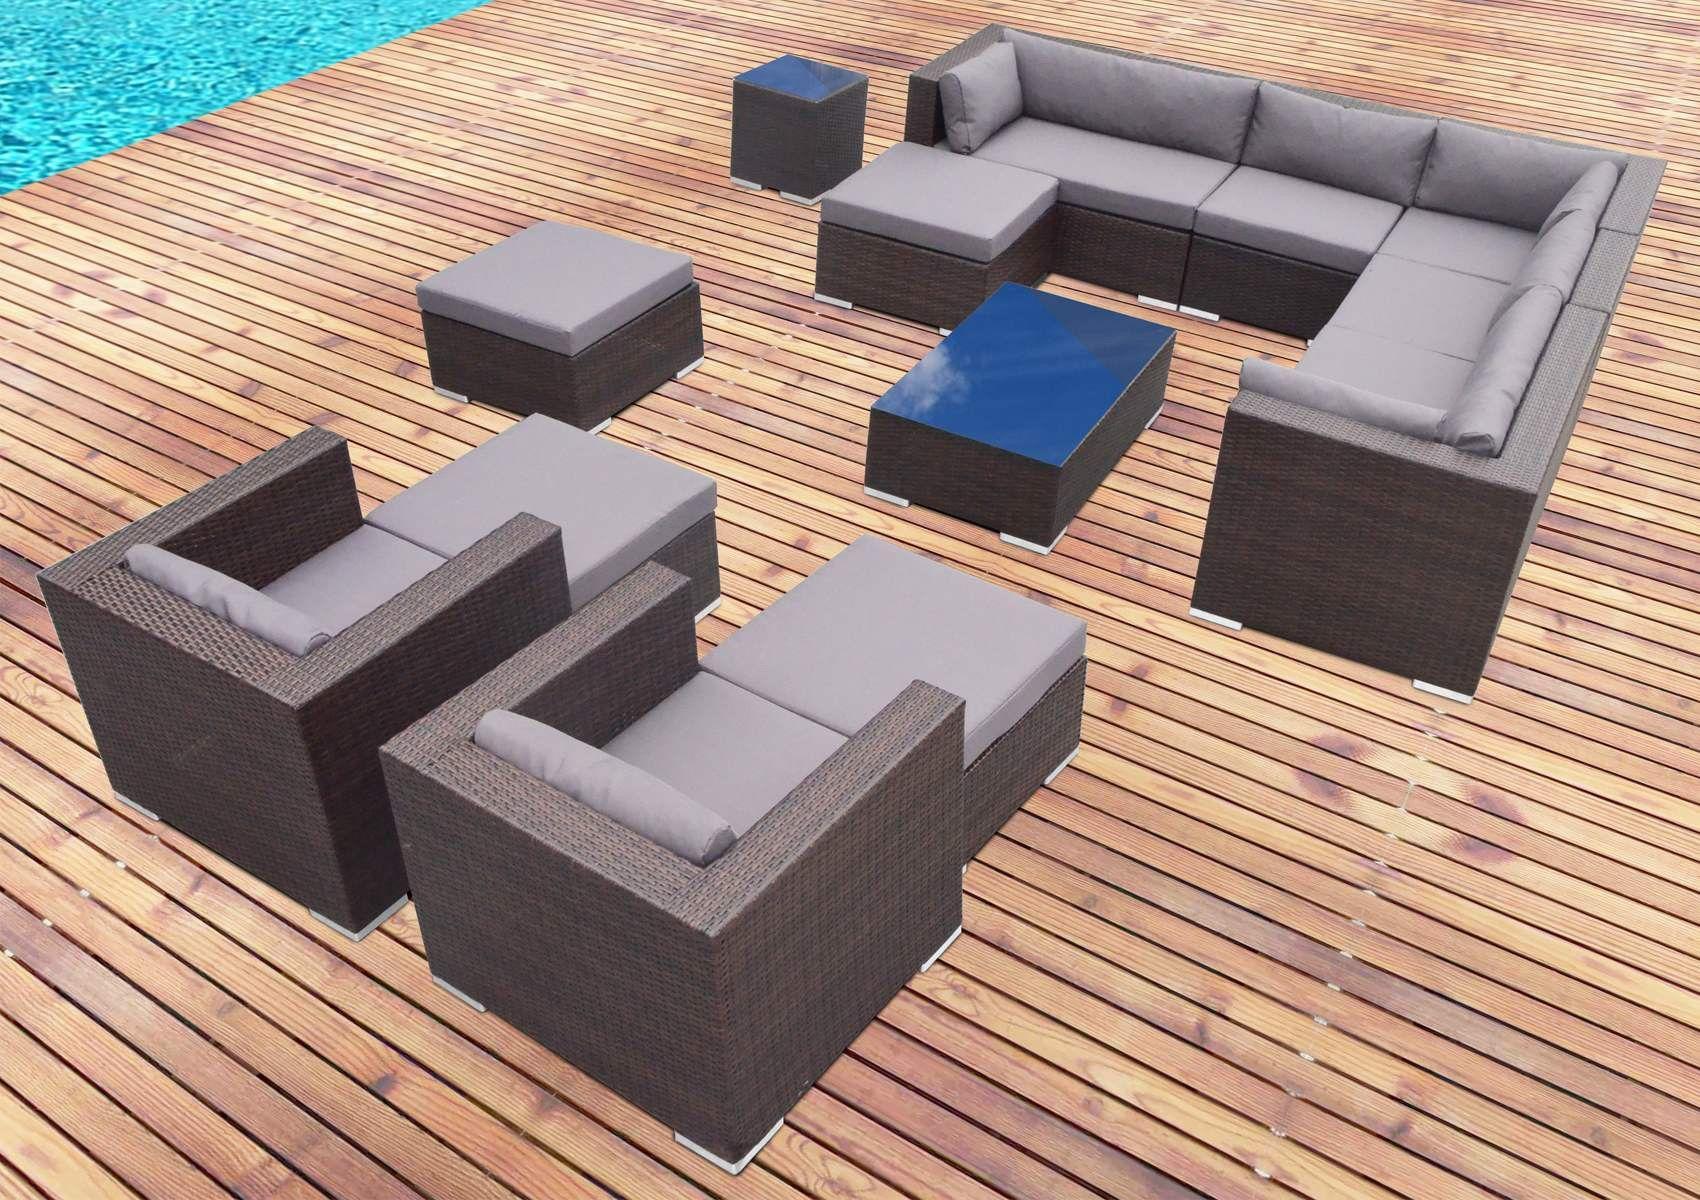 Salon de jardin design pas cher table et chaise jardin pas cher ...